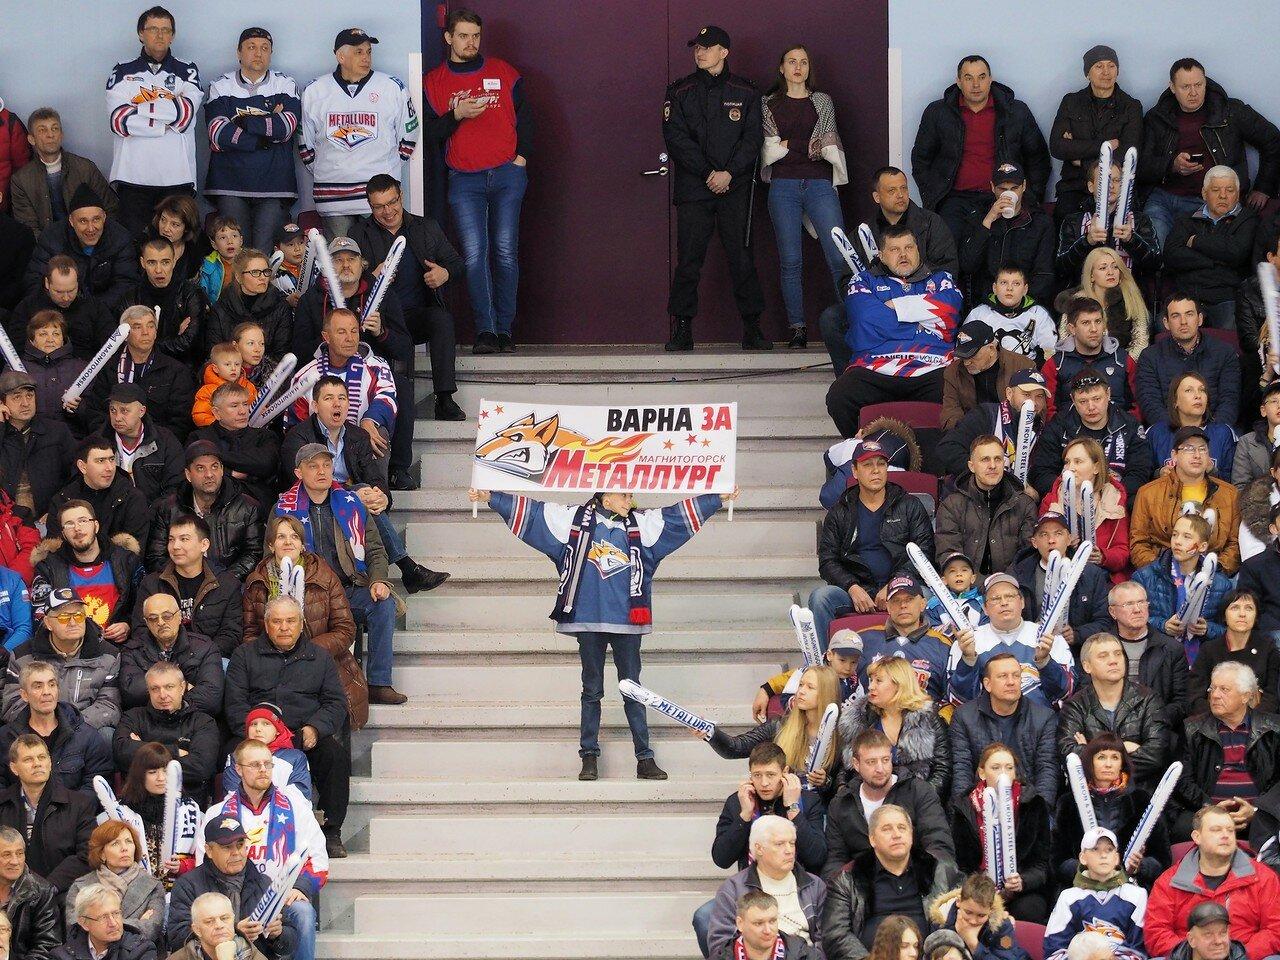 79 Первая игра финала плей-офф восточной конференции 2017 Металлург - АкБарс 24.03.2017